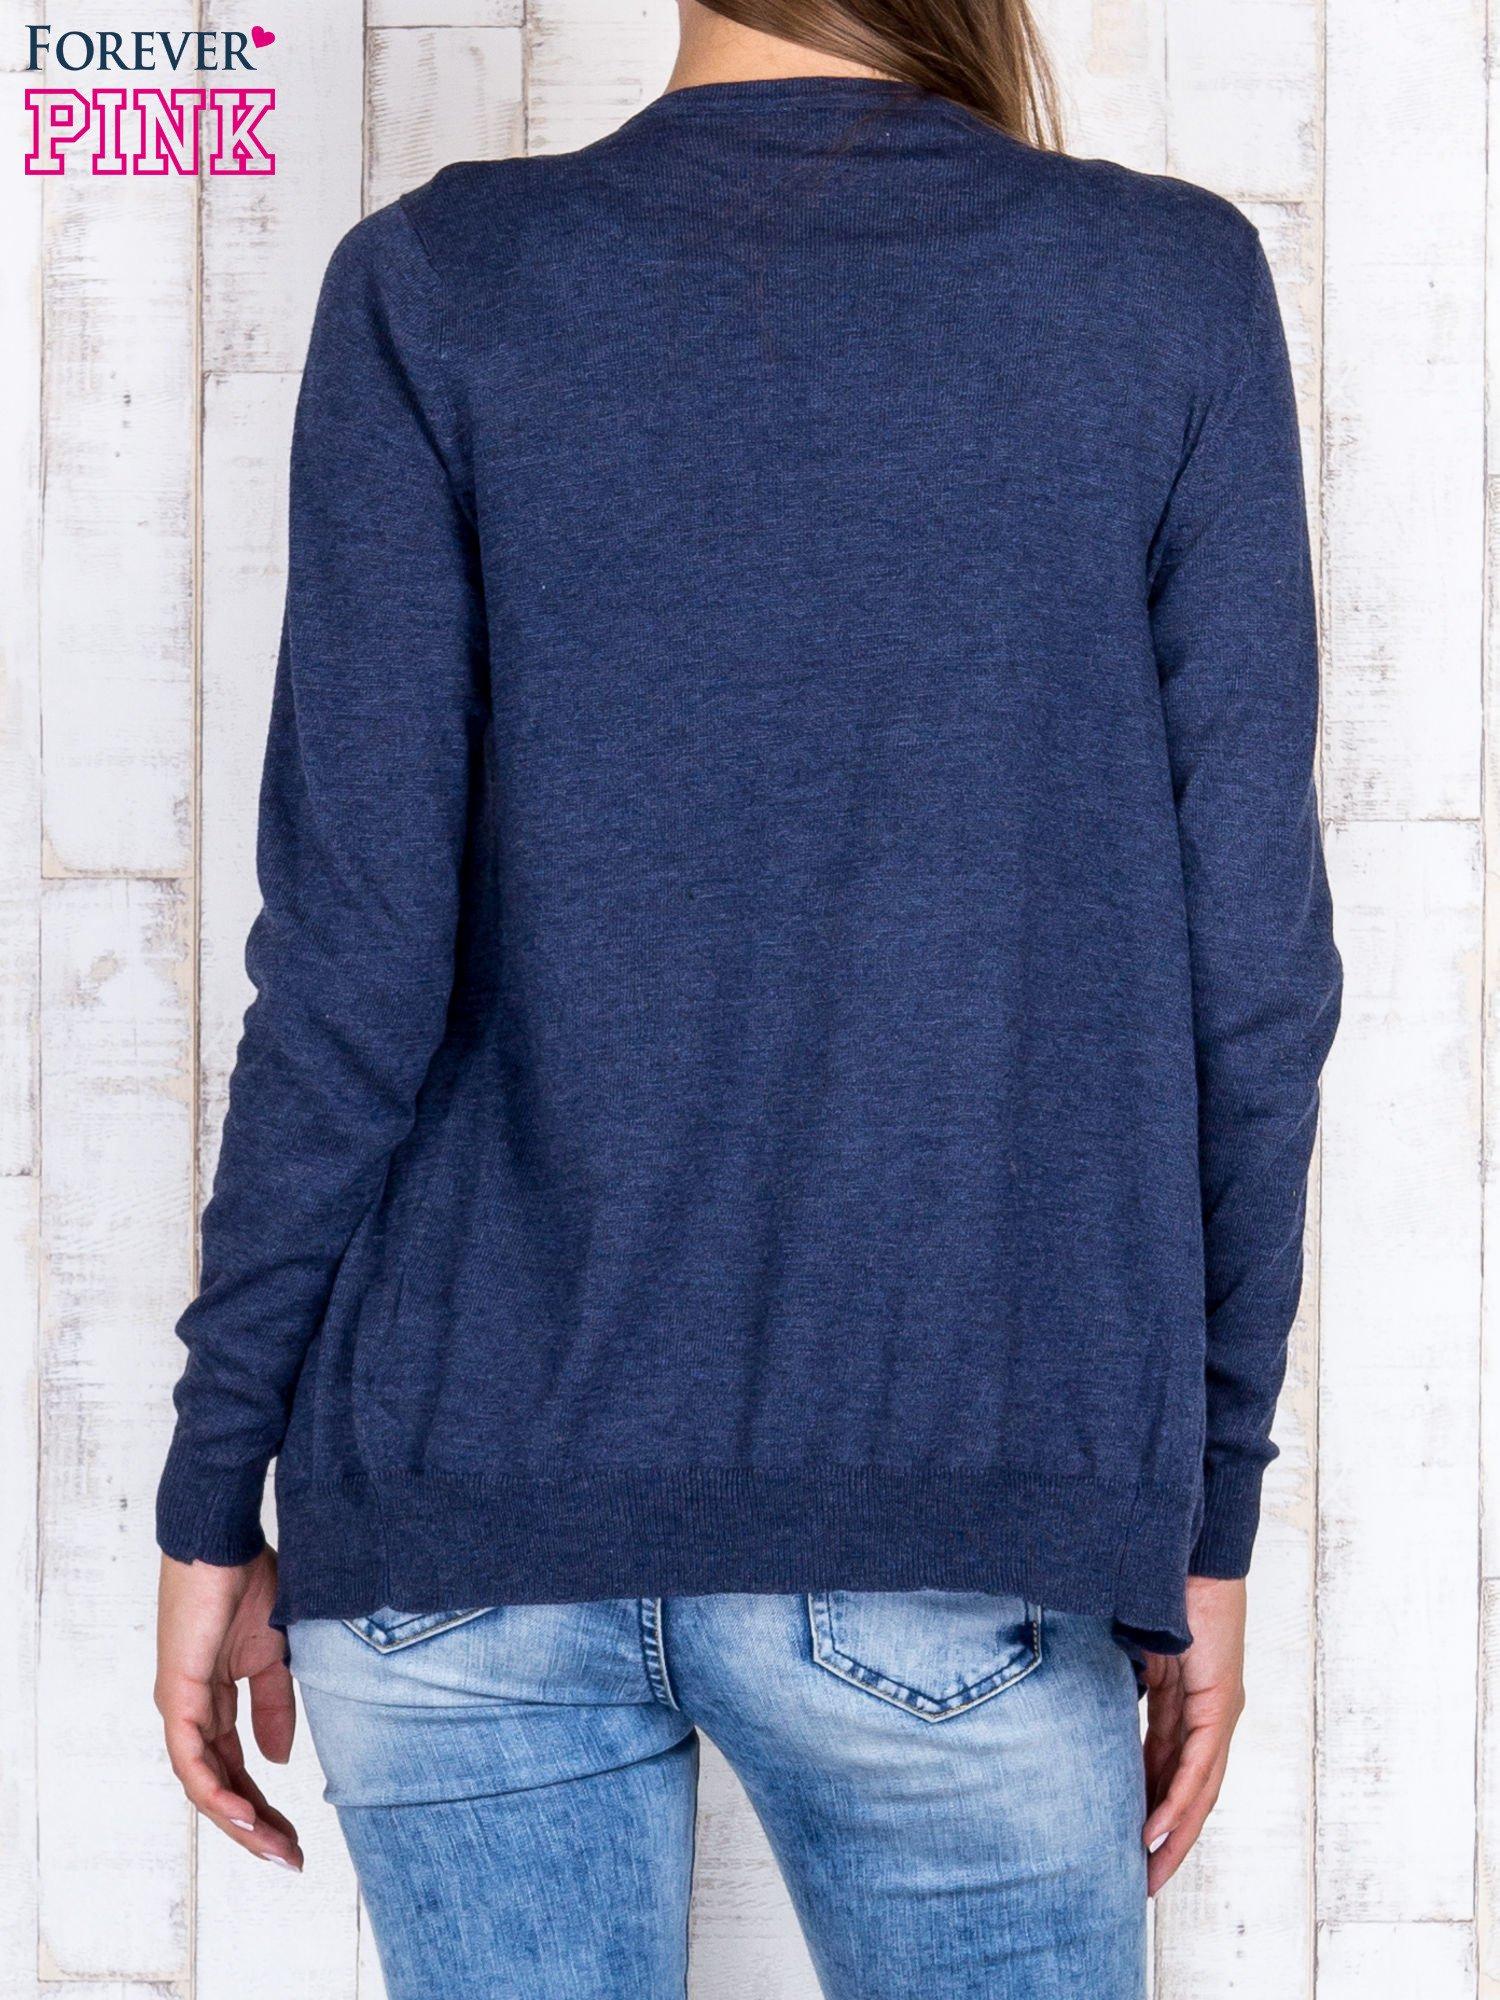 Ciemnoniebieski niezapinany sweter z melanżowym efektem                                  zdj.                                  4